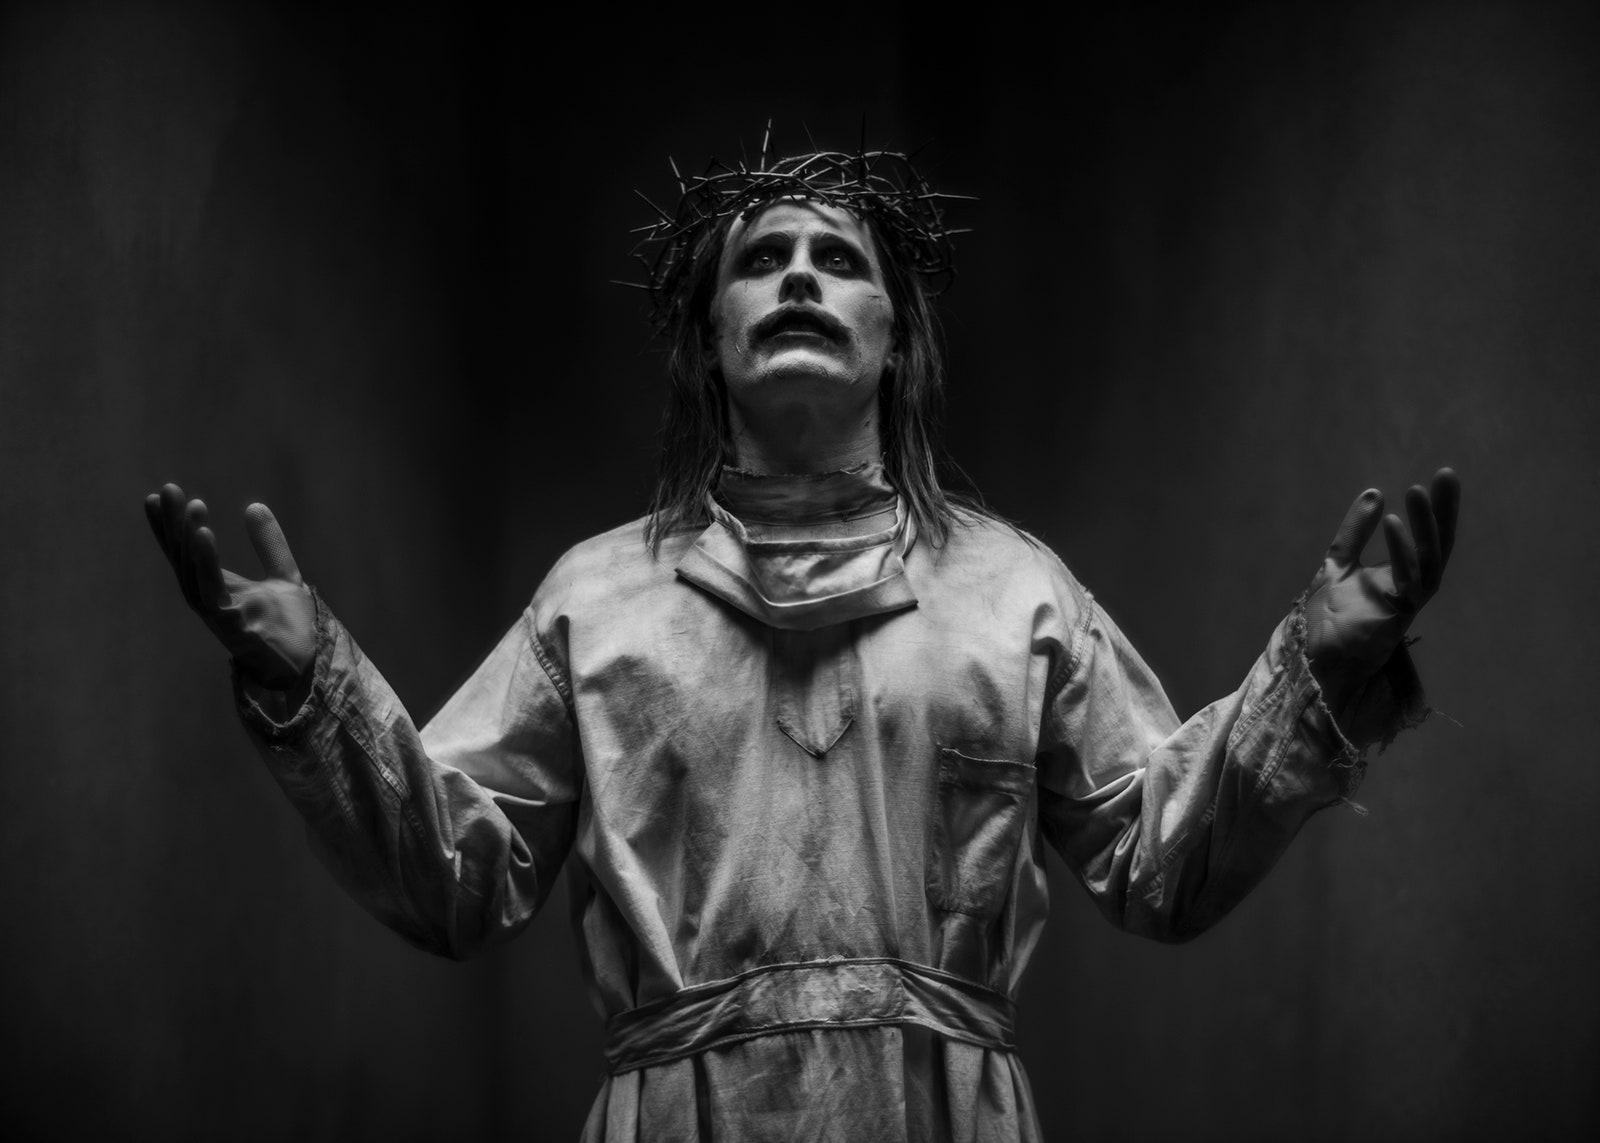 Coringa de Jared Leto aparece como Jesus em nova imagem do Snyder Cut